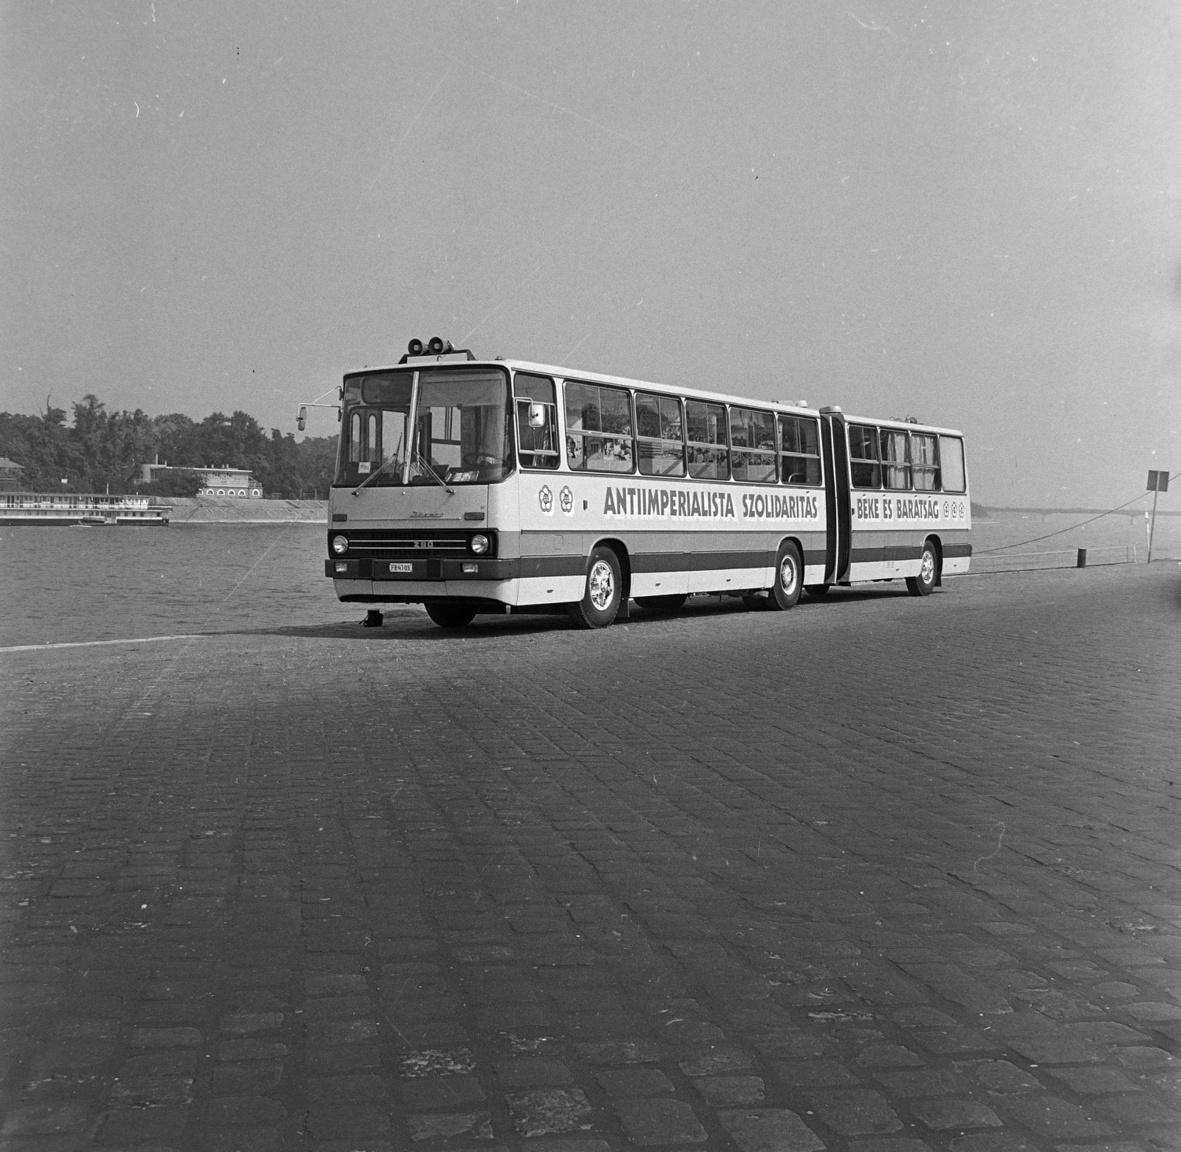 Majdnem hibátlan– A magyar buszgyártás legszebb órái kezdődhetnek azzal a német buszexporttal, aminek prototípusát most mutathatjuk be – mondta Kardán Ottó, külgazdasági államtitkár. – A nyugatnémet utazóközönség bizonyára irigykedve nézi, milyen minőségű munkára képes a szabad, virágzó, kommunista Magyarország!– Nyugatnémet? Nem az NDK-s elvtársak békeharcát segítik a buszaink? – kérdezte meglepve Mérleg Ede, az Ikarus vezérigazgató-helyettese.– Nem. Valóban Berlinből jött a megrendelés, de a nyugati, megszállt zónából, és nem a szovjet elvtársak által segített keletiből érkezett a megrendelés. De van ennek jelentősége?– Nem, semmi komoly. Egyetlen apró változtatás kell csak a bemutató előtt – mondta Mérleg, és már emelte is a telefont.